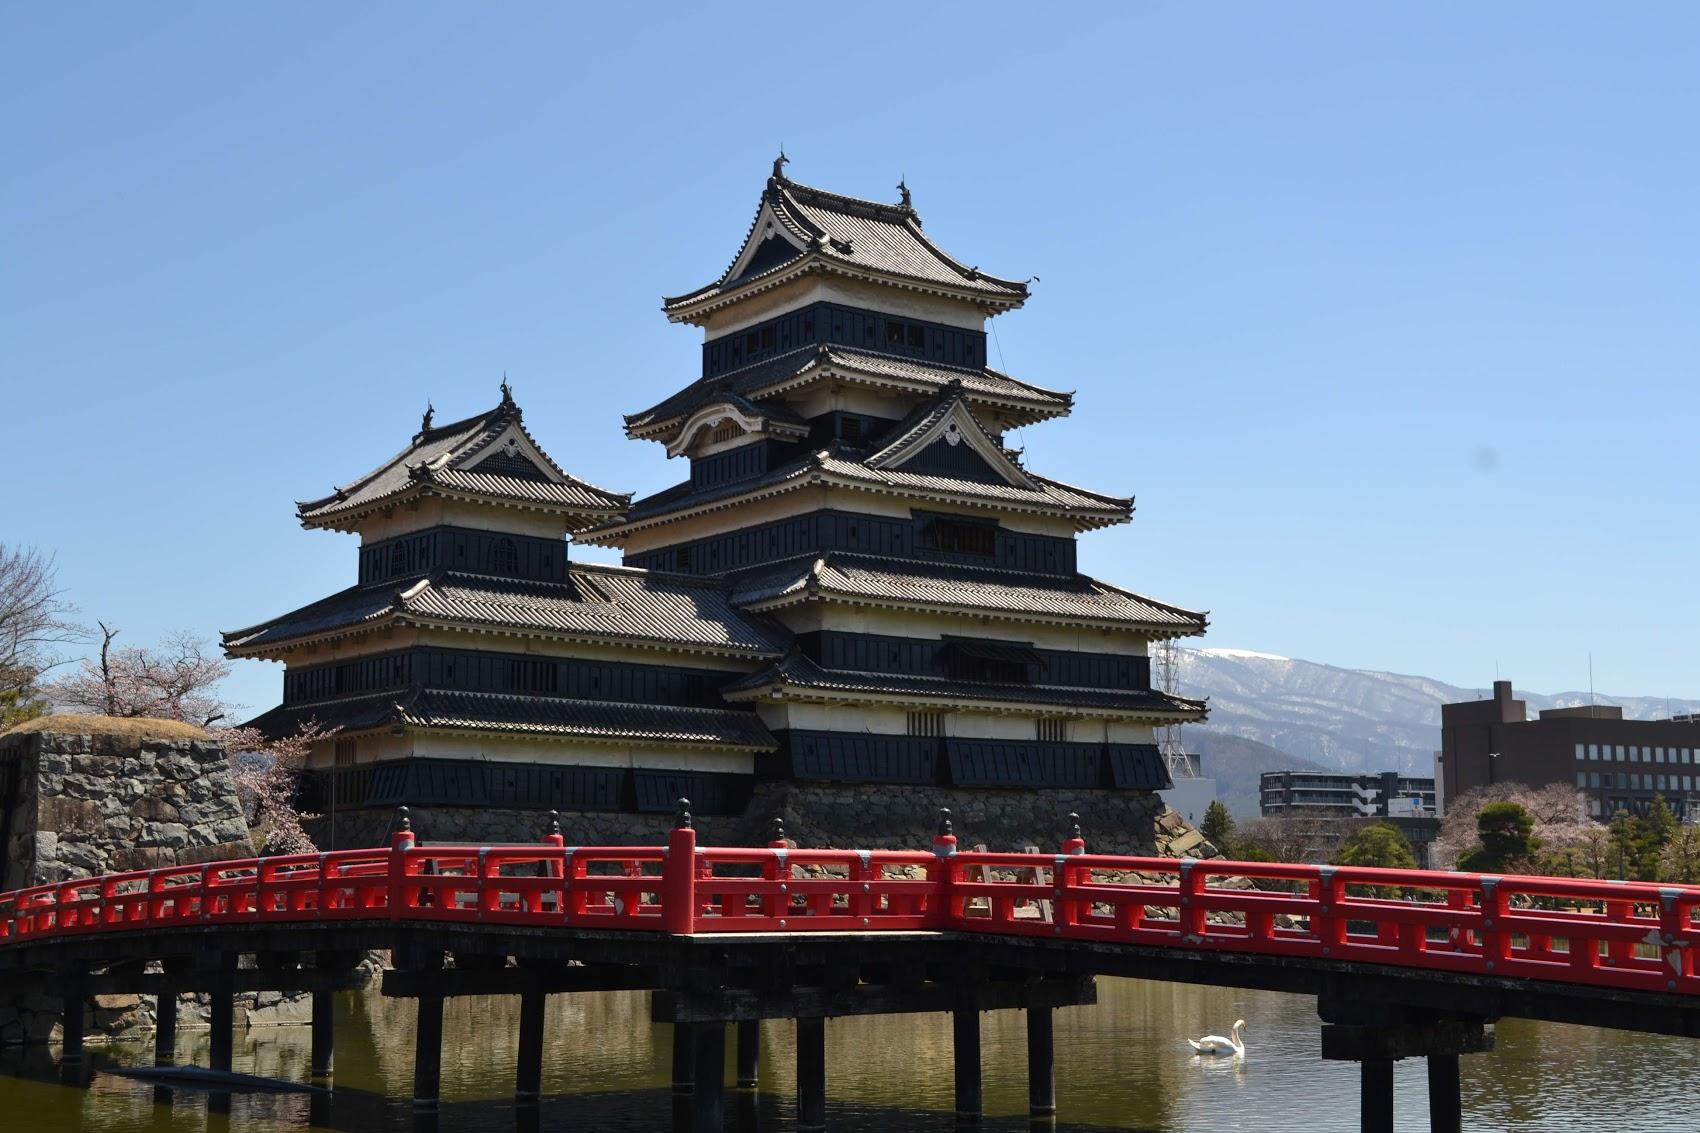 Antes de entrar al complejo del Castillo Matsumoto, ¡se puede ver el foso con un puente rojo y un cisne!